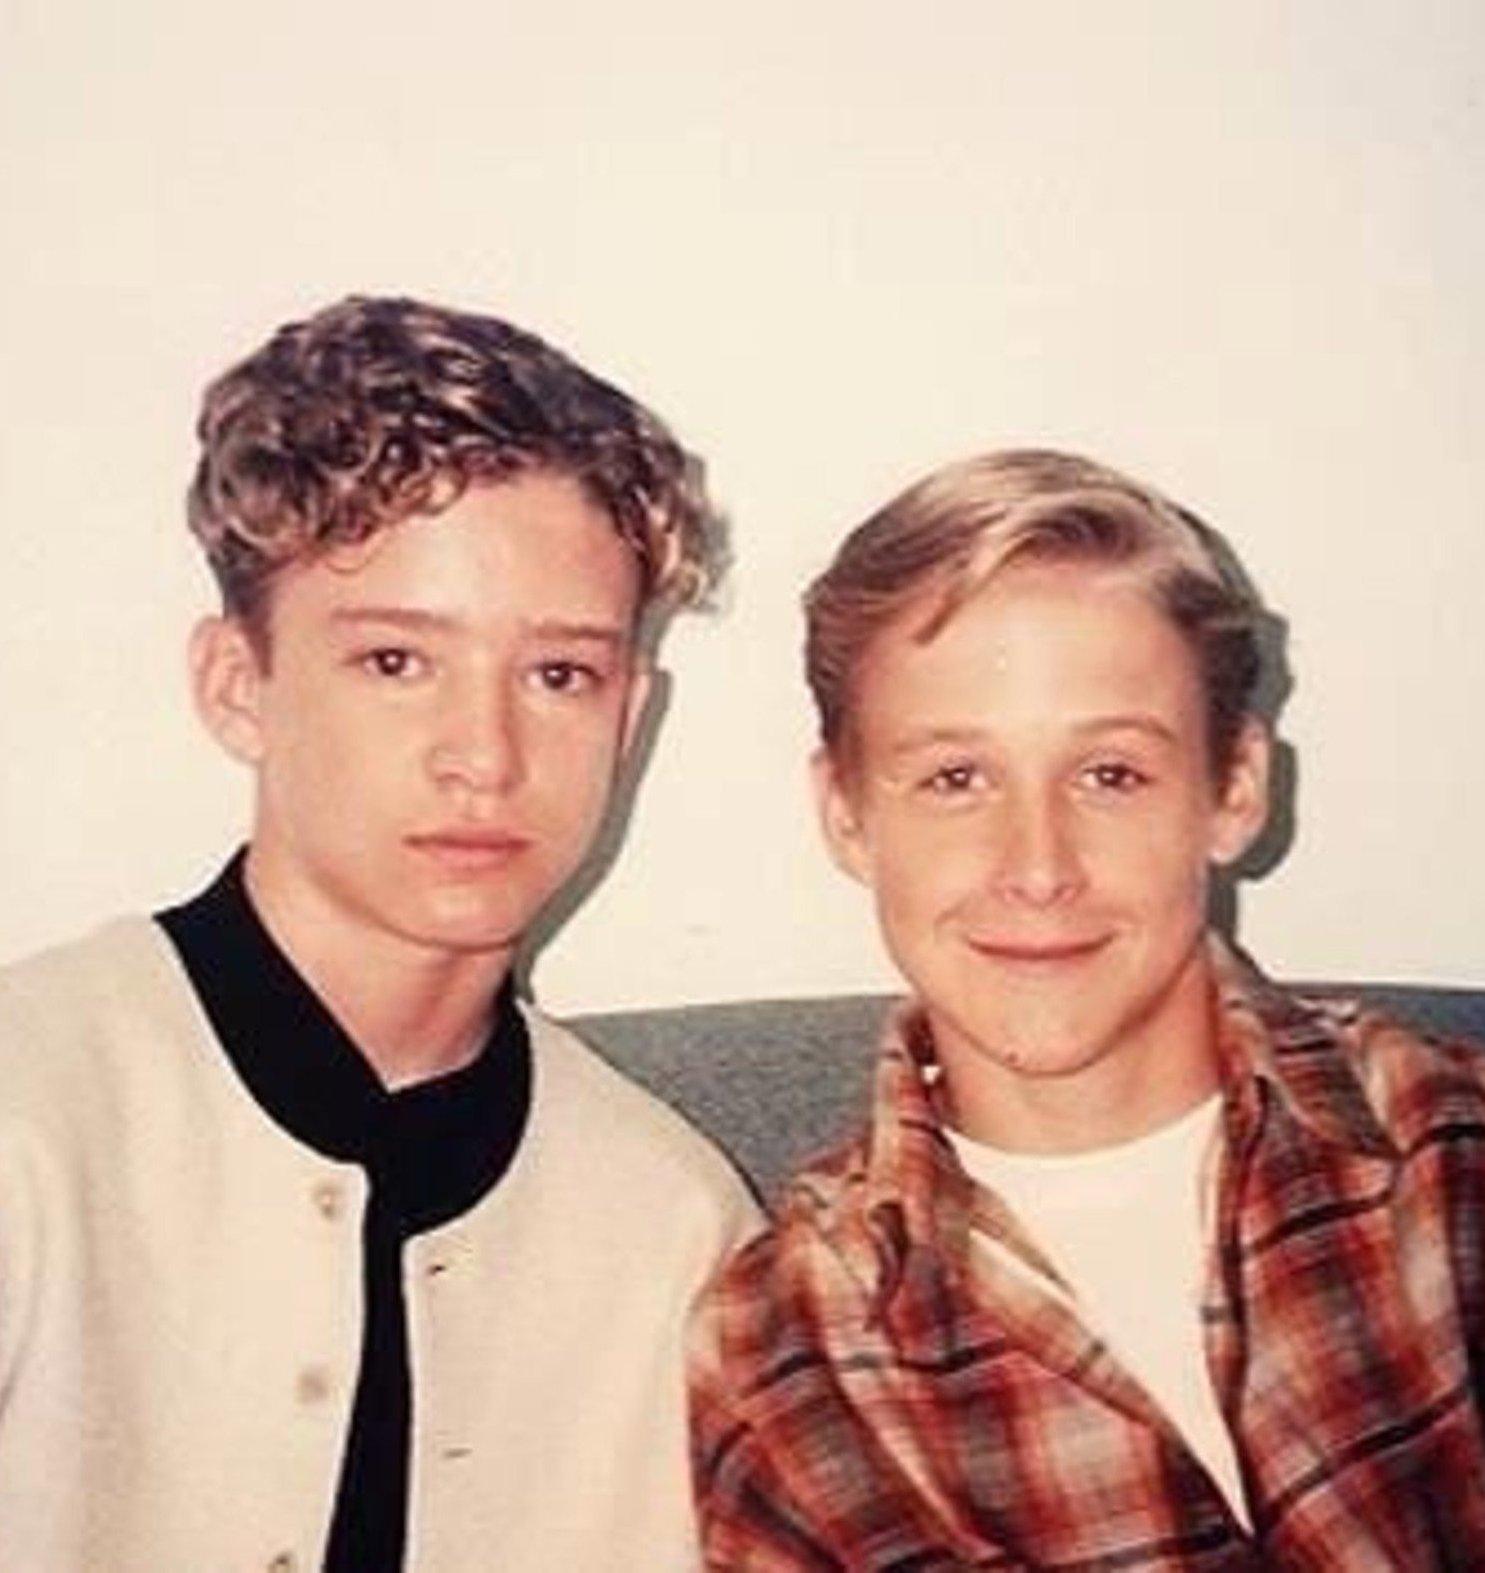 Ryan Gosling és Justin Timberlake egy ideig együtt is laktak, még a Disney-s korszakukban, de azóta valamiért nincsenek jóban...